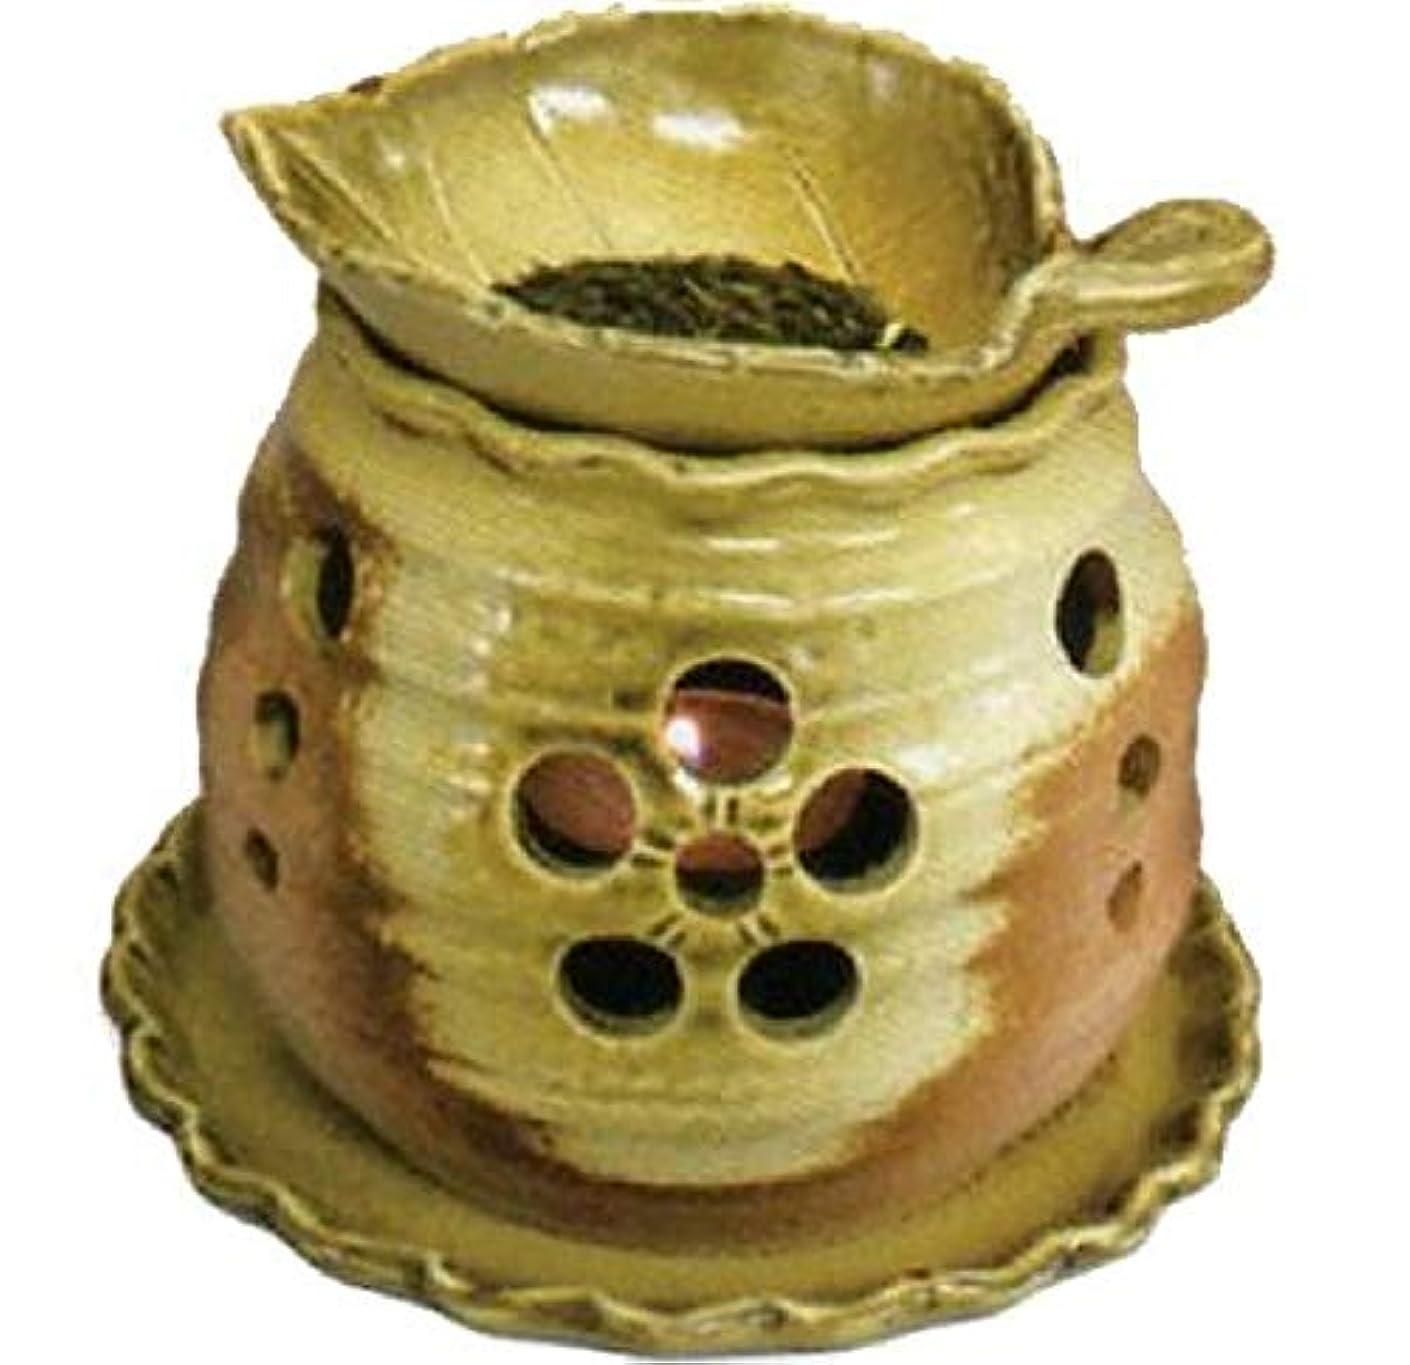 グロータクト大統領常滑焼 創器 ゆとり 茶香炉 径:13.2cm 高さ:11.5cm 木の葉の皿付 サ39-09